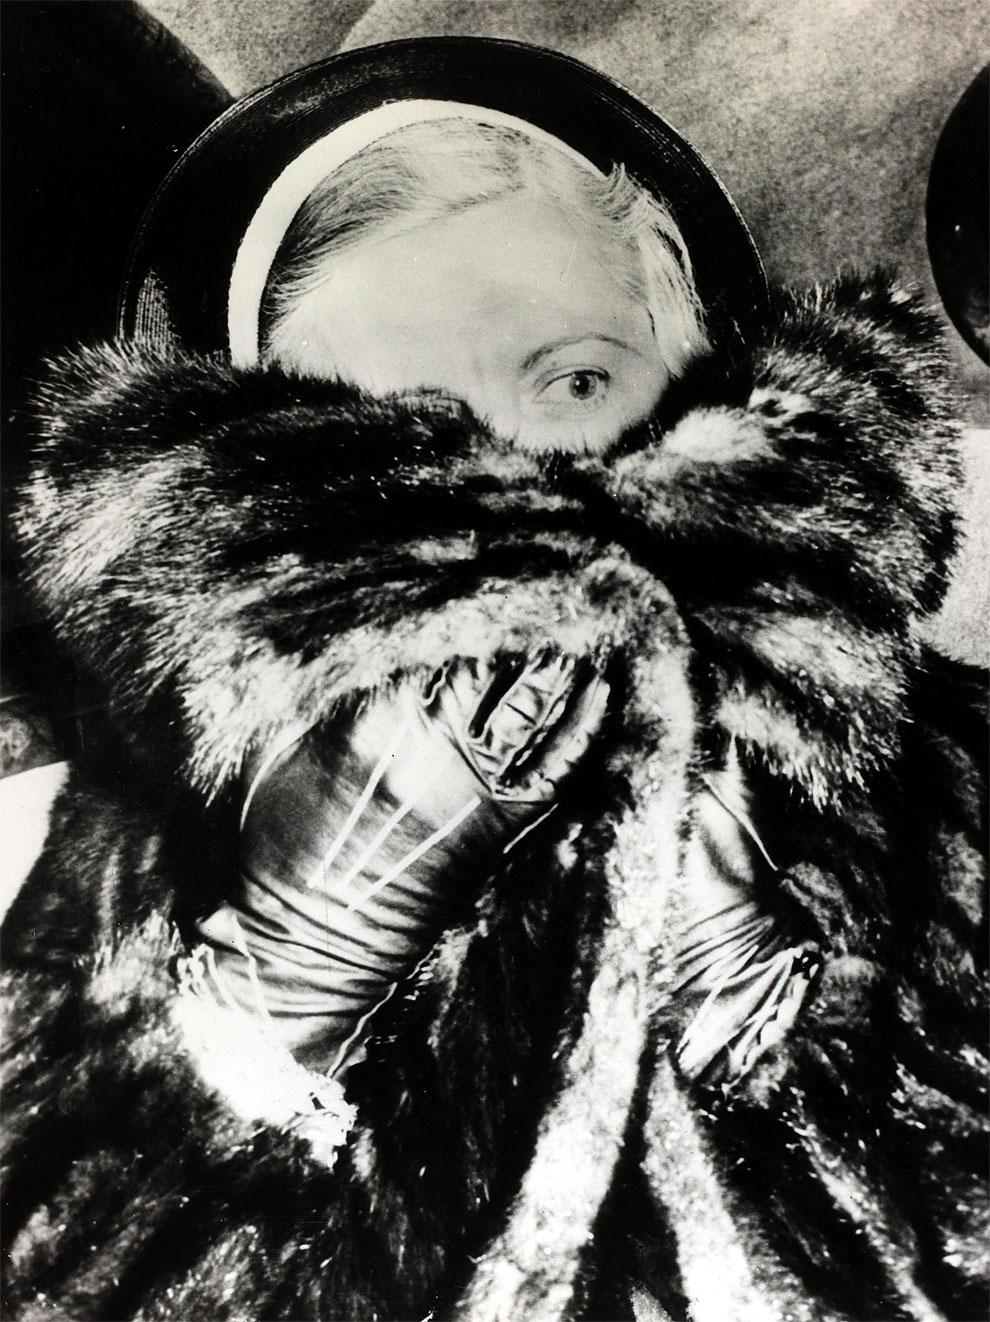 Терьма Алькатрас где находилась жена Аль Капоне, Мэй Капоне, в 1945 году.